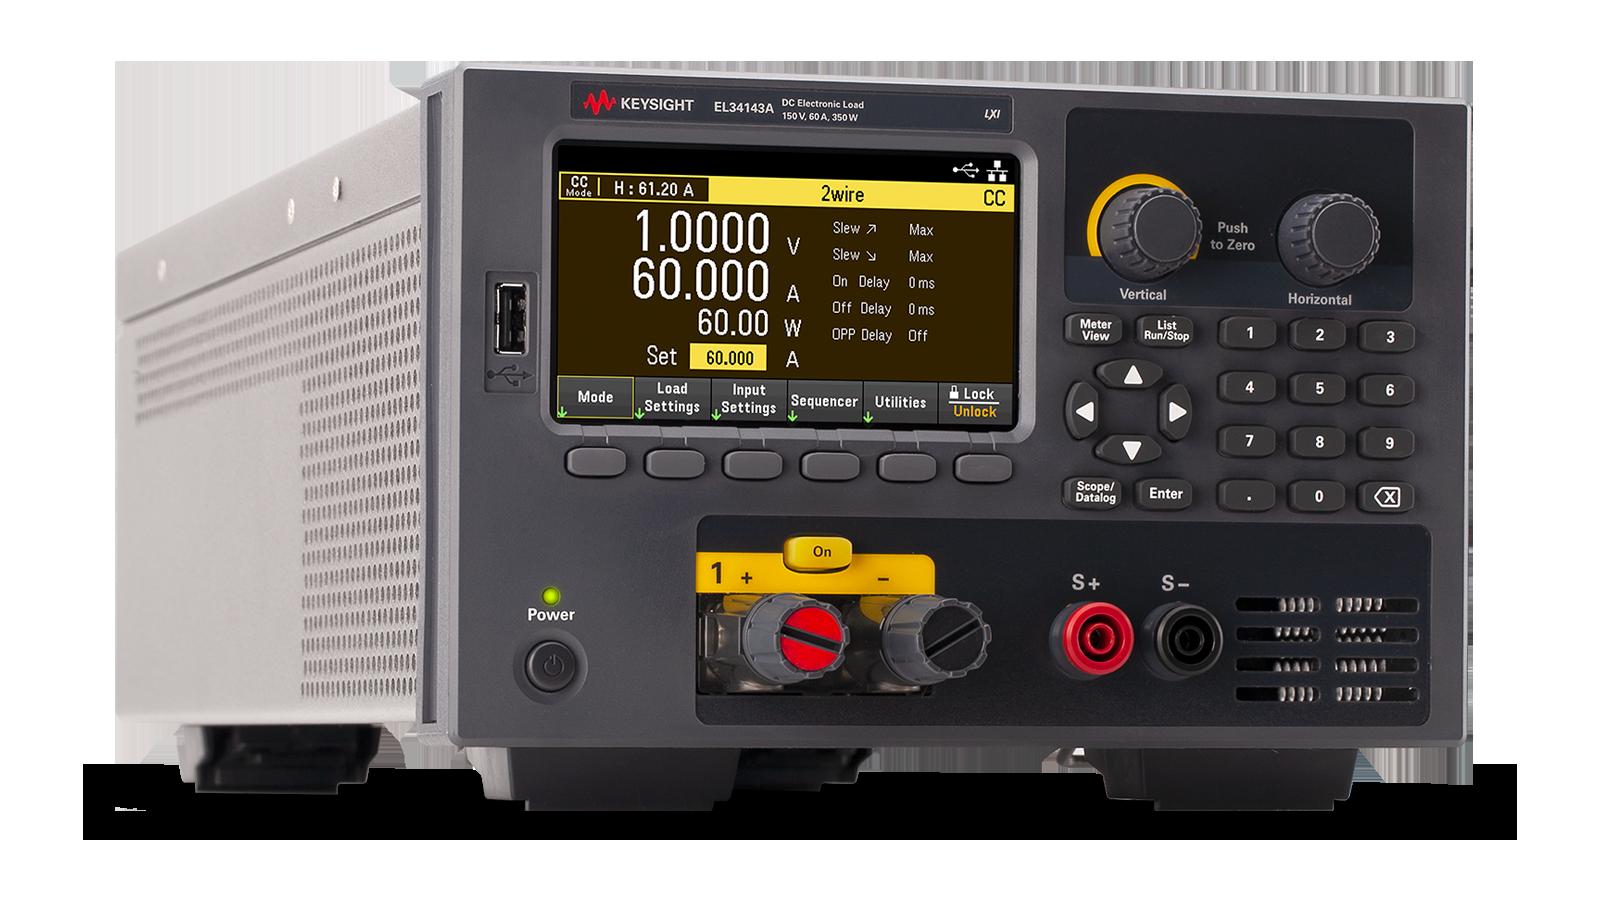 KEYSIGHT EL30000系列 台式电子负载